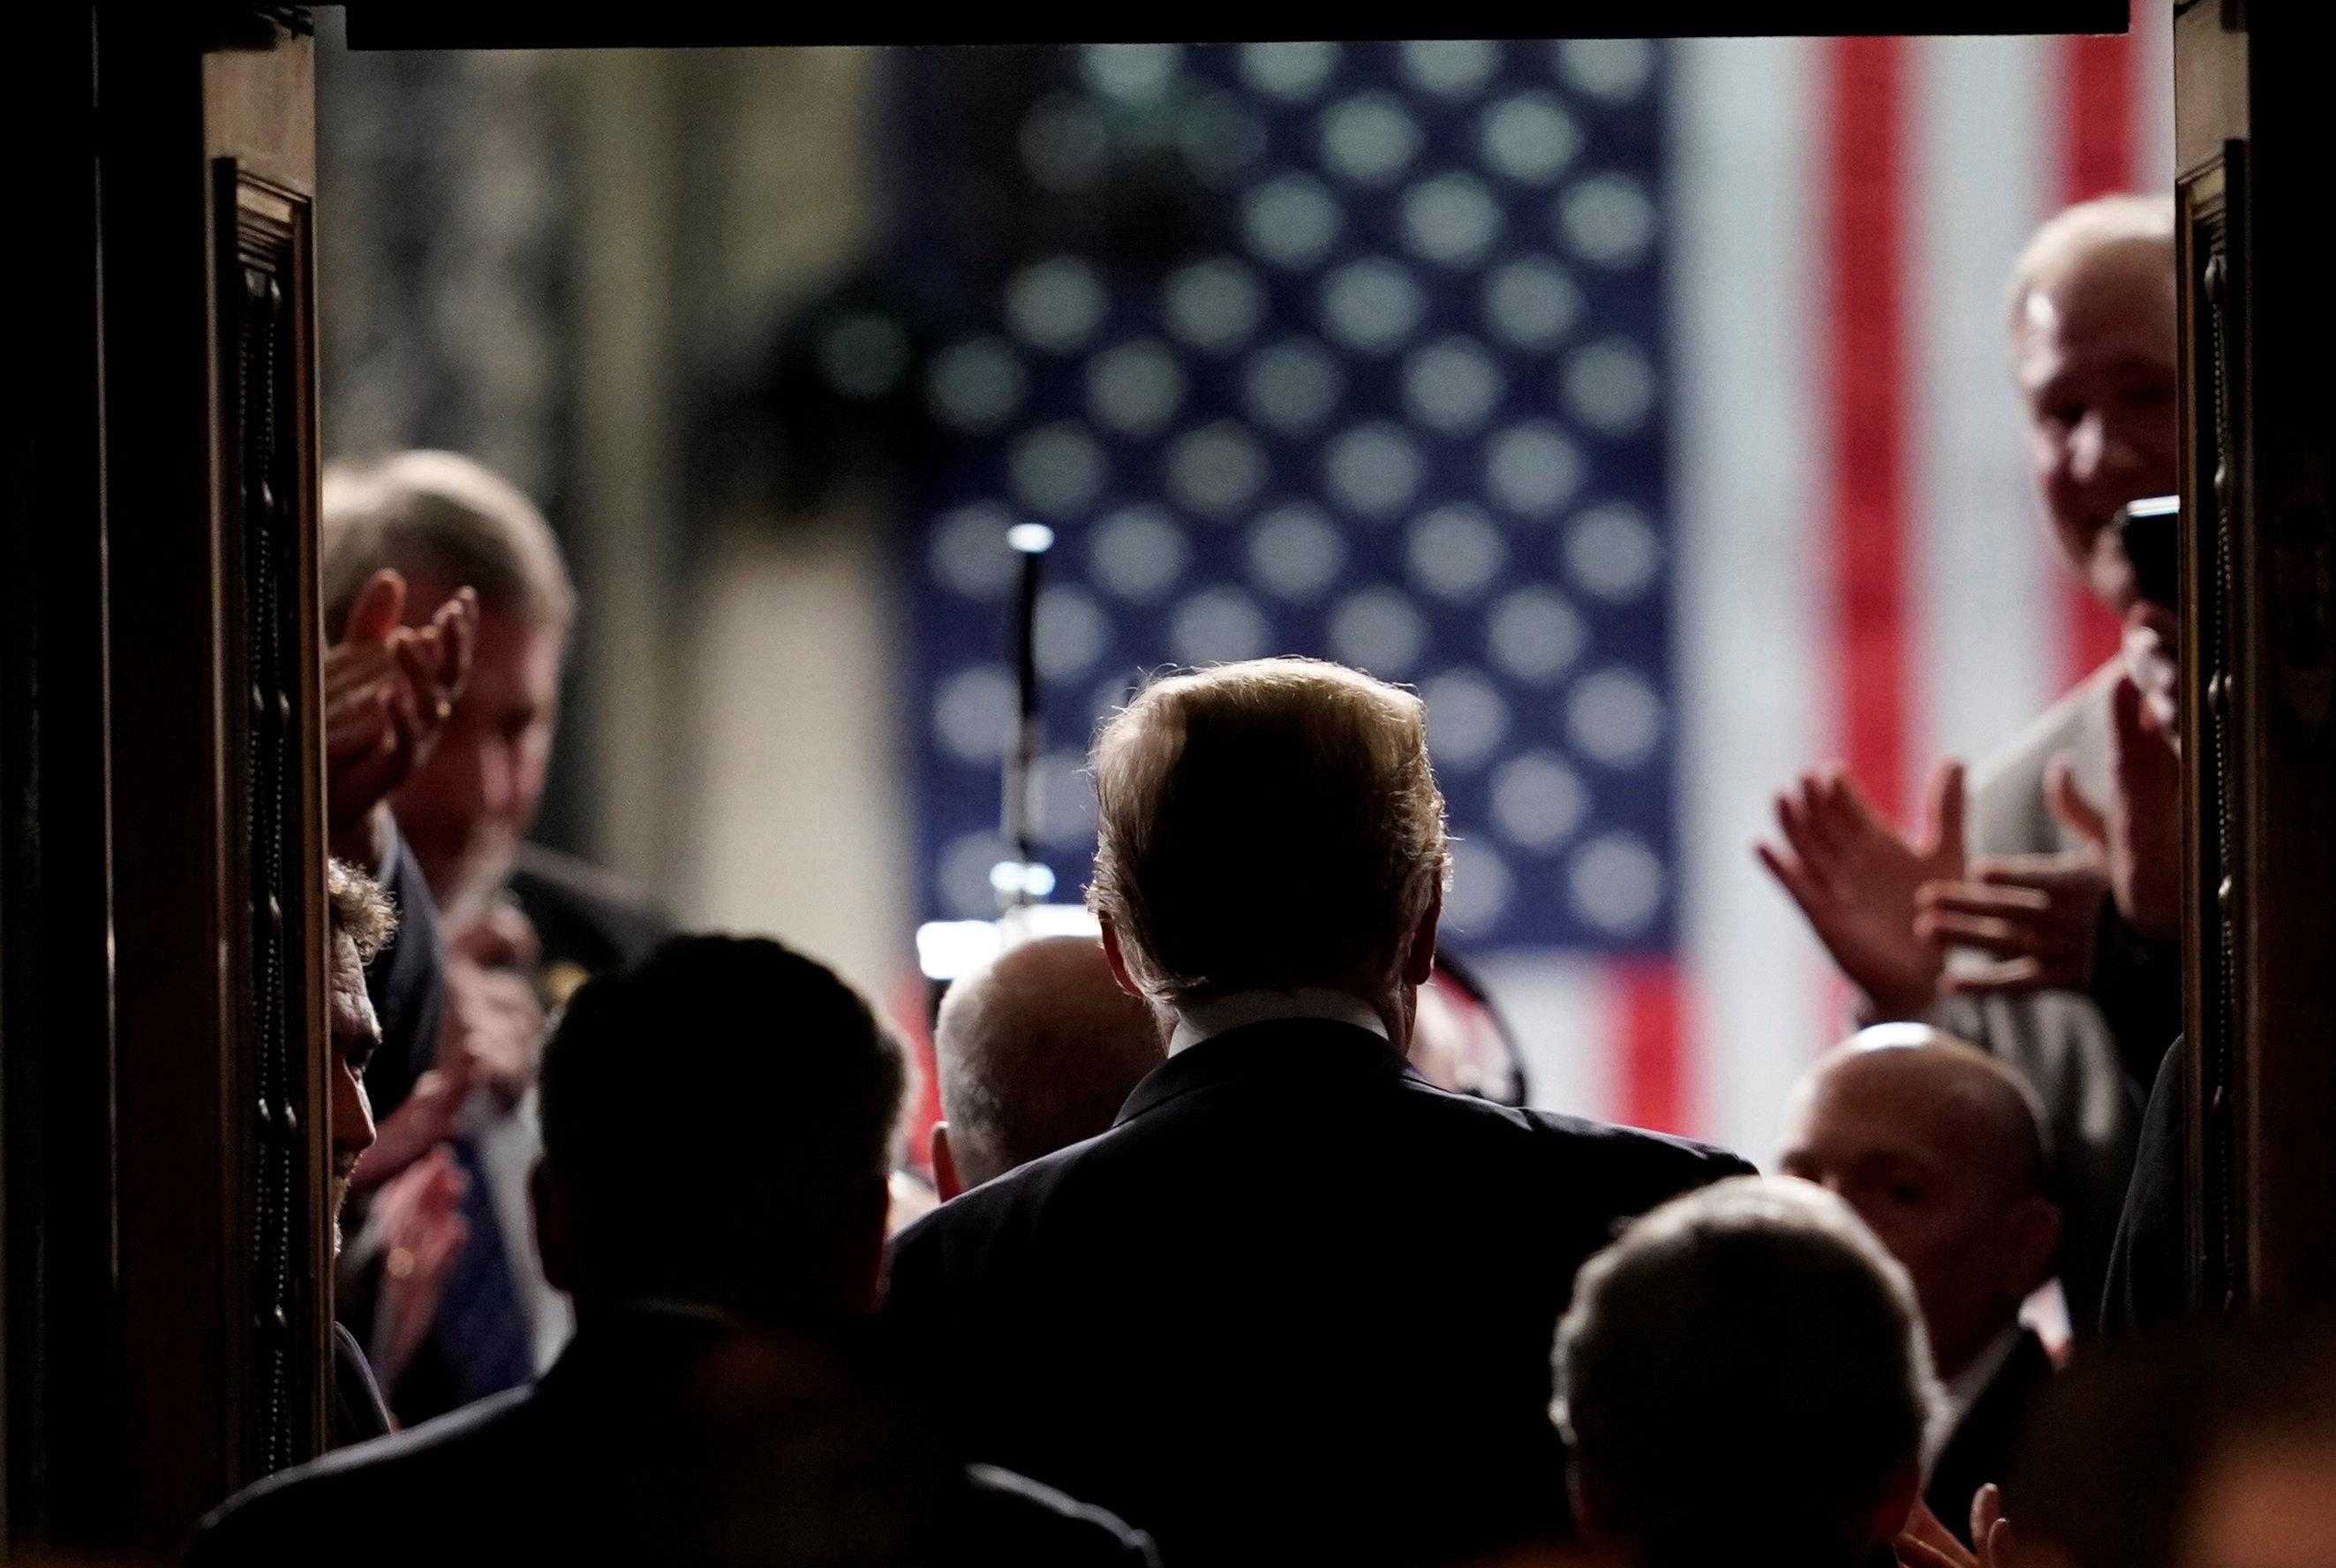 ترامب فى طريقه إلى قاعة الكونجرس وسط تصفيق من الأعضاء